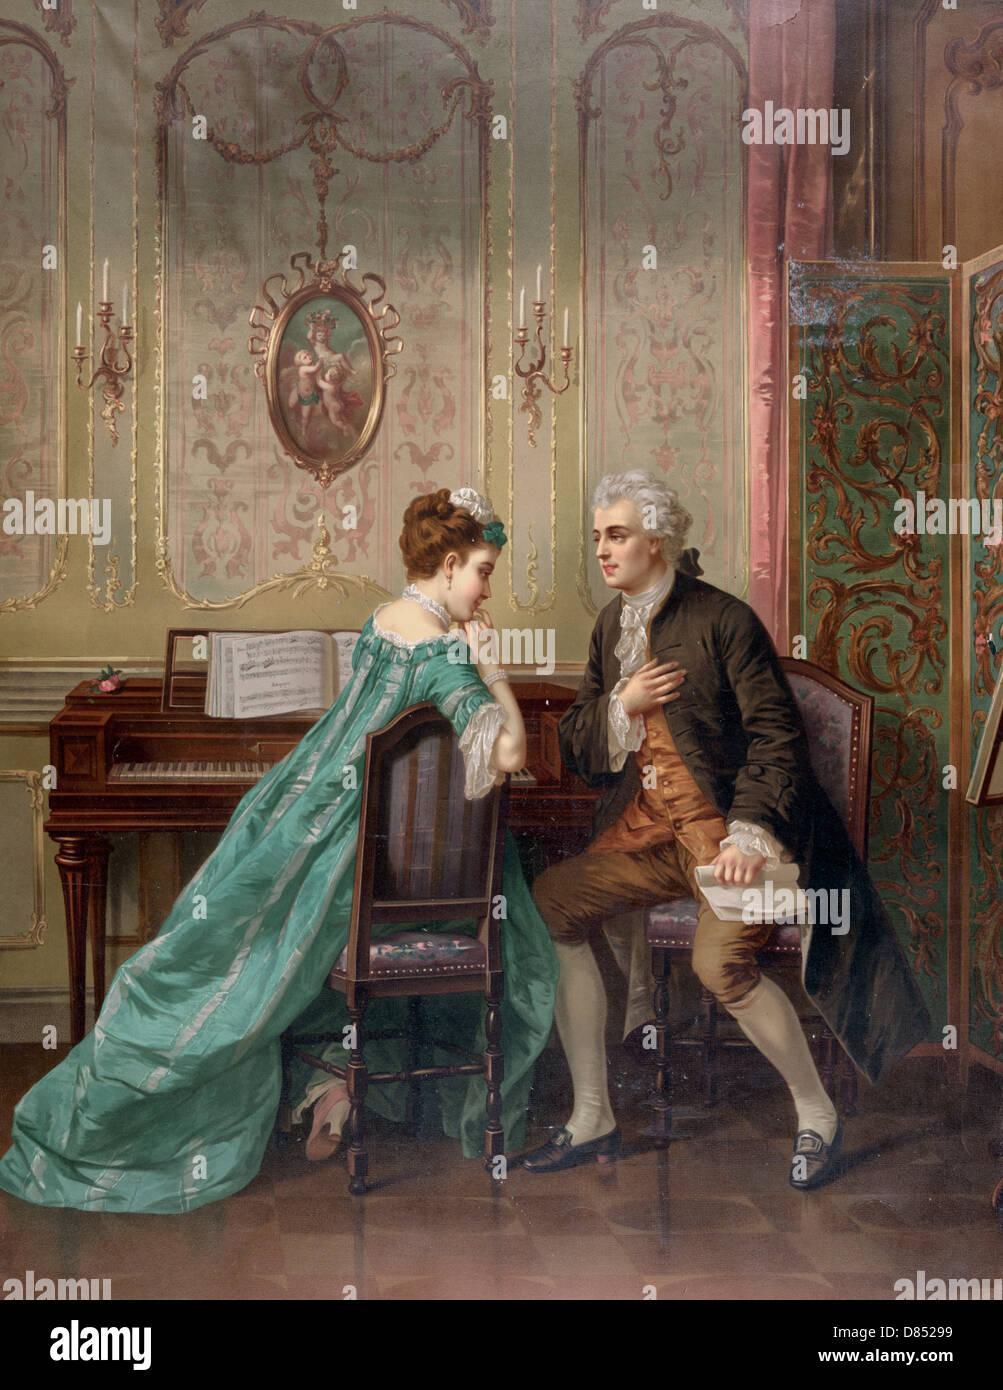 La propuesta - el hombre propone la mujer sentados en instrumento de teclado, circa 1873 Imagen De Stock